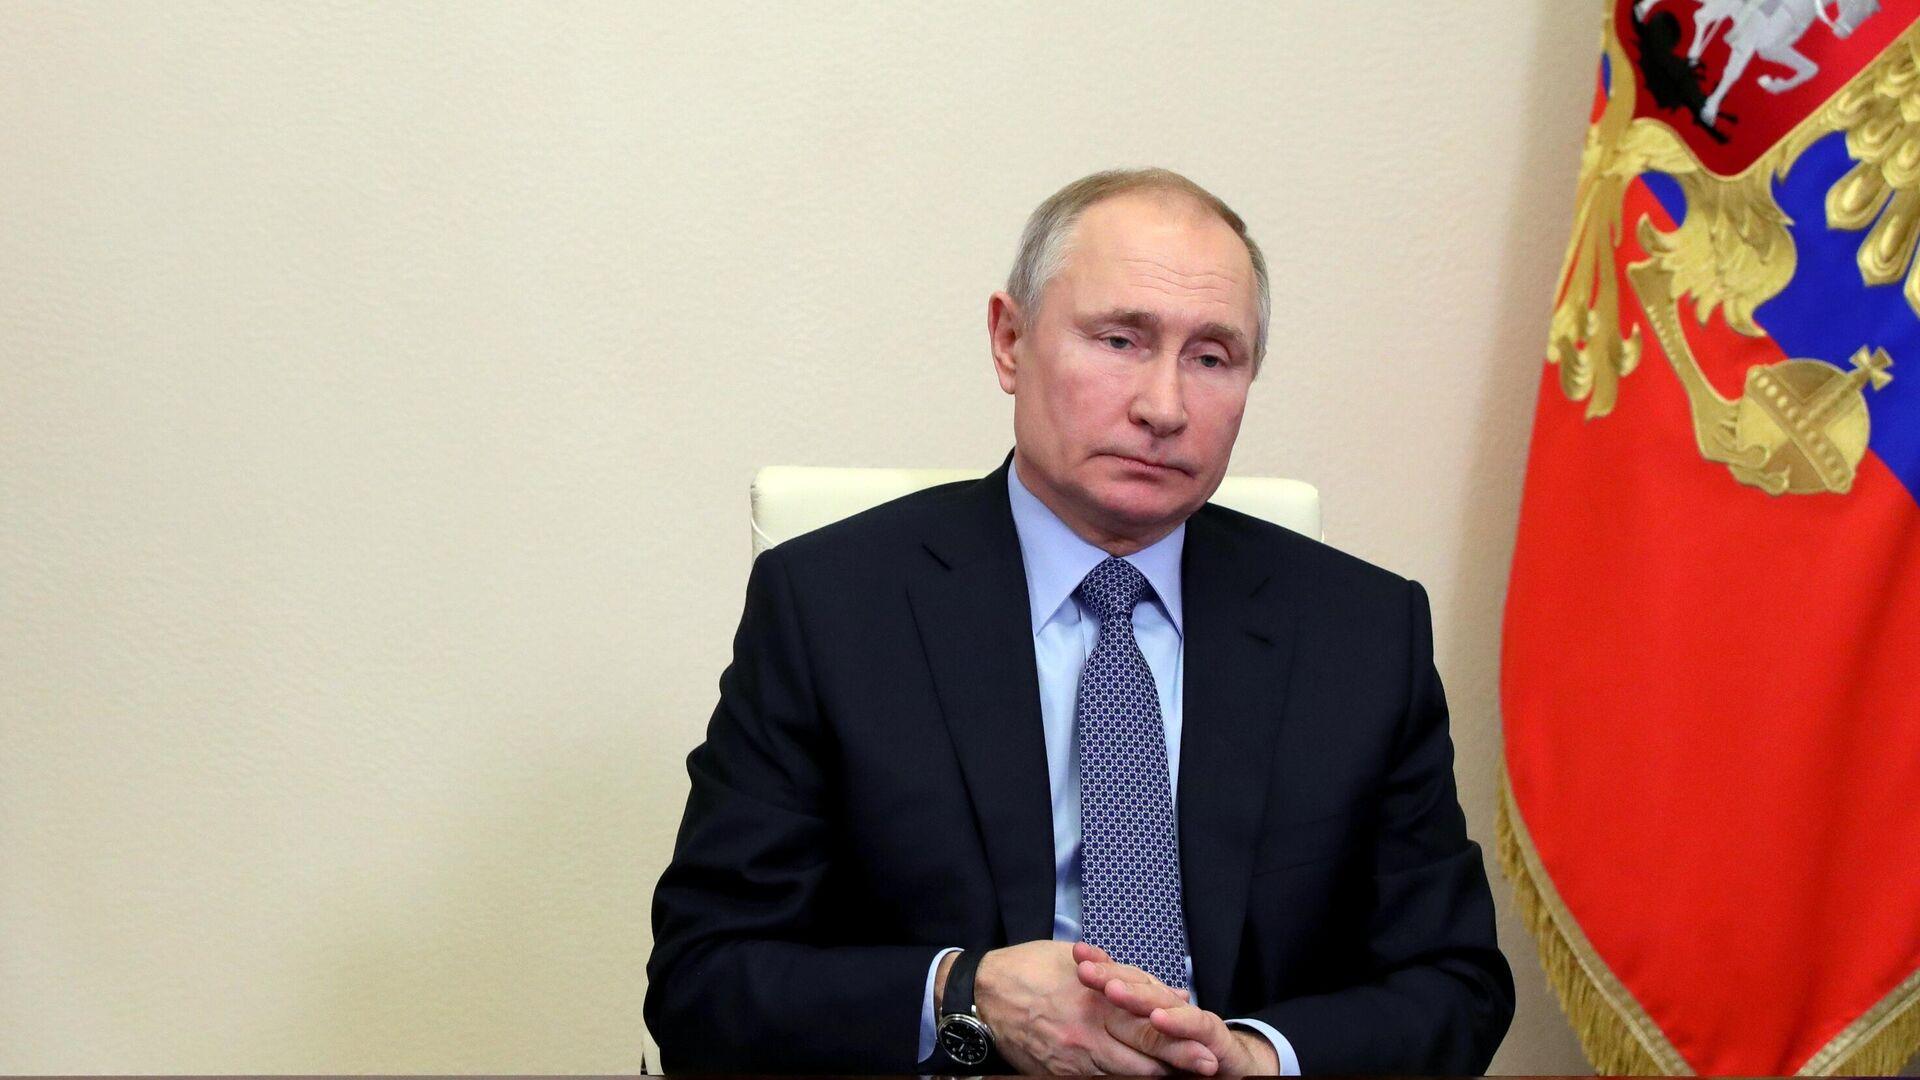 Президент РФ Владимир Путин проводит в режиме видеоконференции оперативное совещание с постоянными членами Совета безопасности РФ - РИА Новости, 1920, 19.02.2021